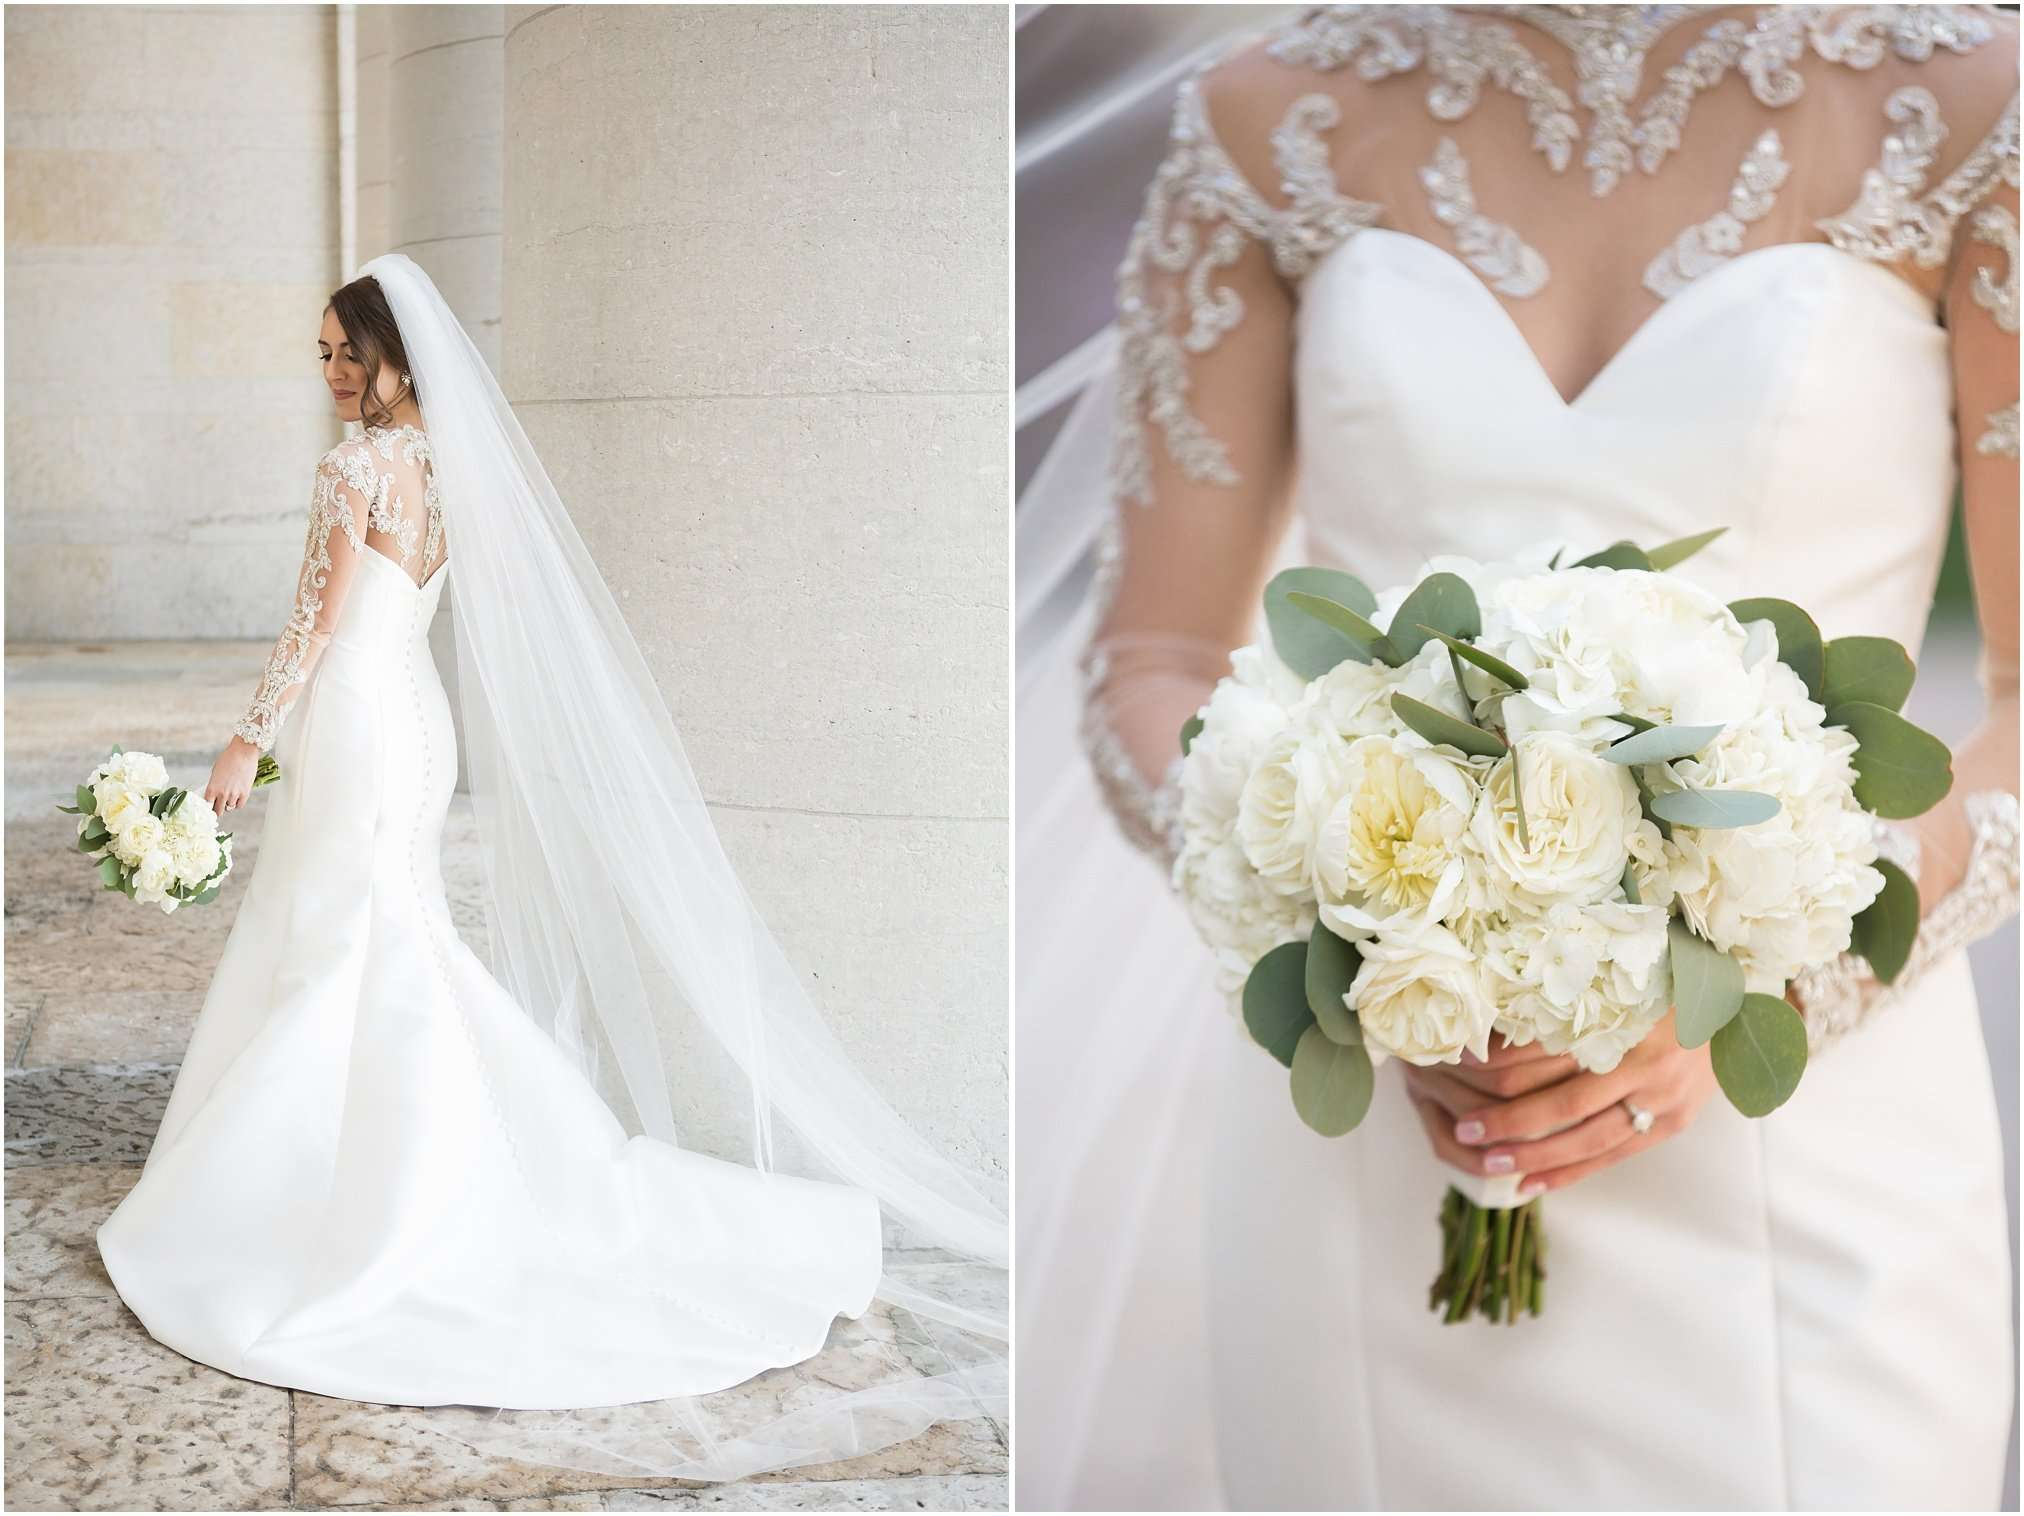 Spring Wedding at the Ohio Statehouse | Columbus Ohio Photography 58